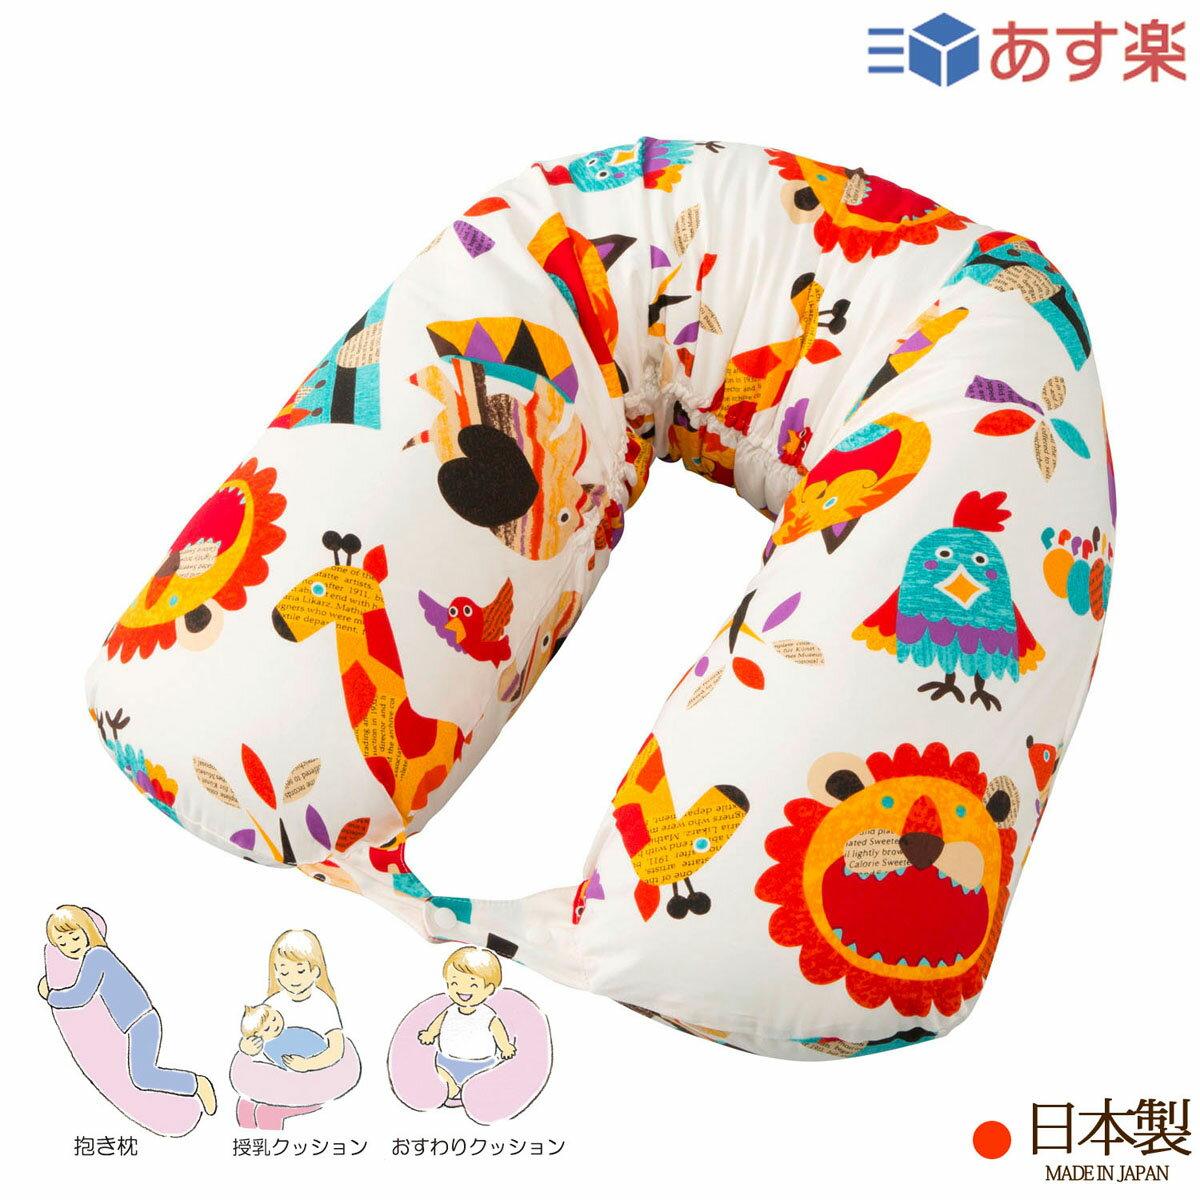 授乳クッション & 抱き枕 ( ベビー & マタニティ ) どうぶつ柄 W 日本製 フジキ カバー 開閉形状 : ファスナー 生地 : 綿100% 【店頭受取対応商品】 【 授乳枕 授乳まくら 授乳用クッション マルチクッション 】